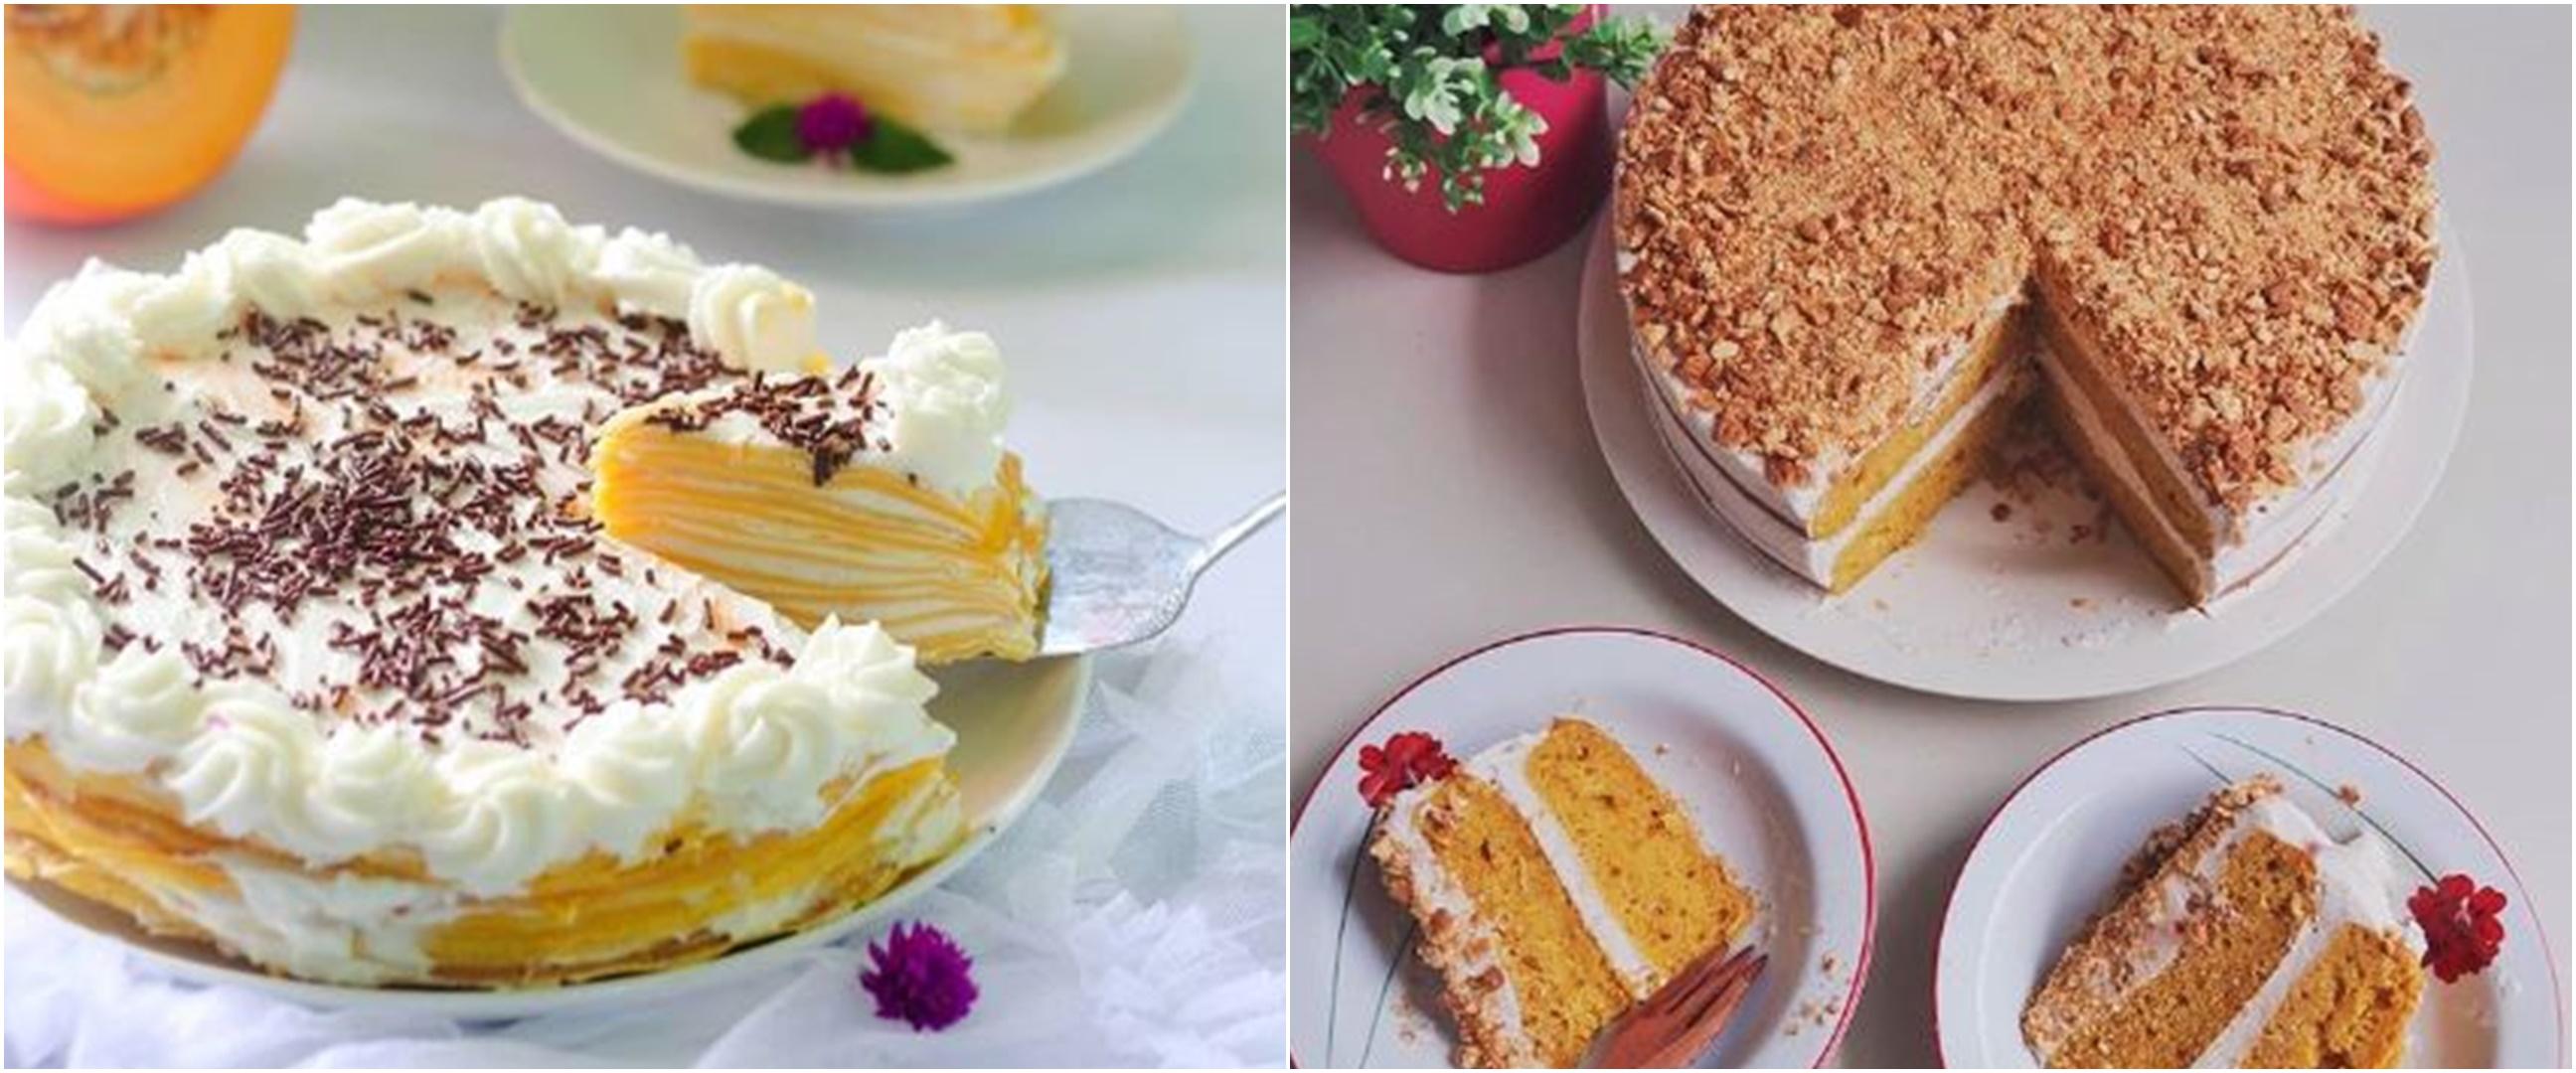 10 Resep kreasi kue berbahan labu, enak, sehat dan mudah dibuat